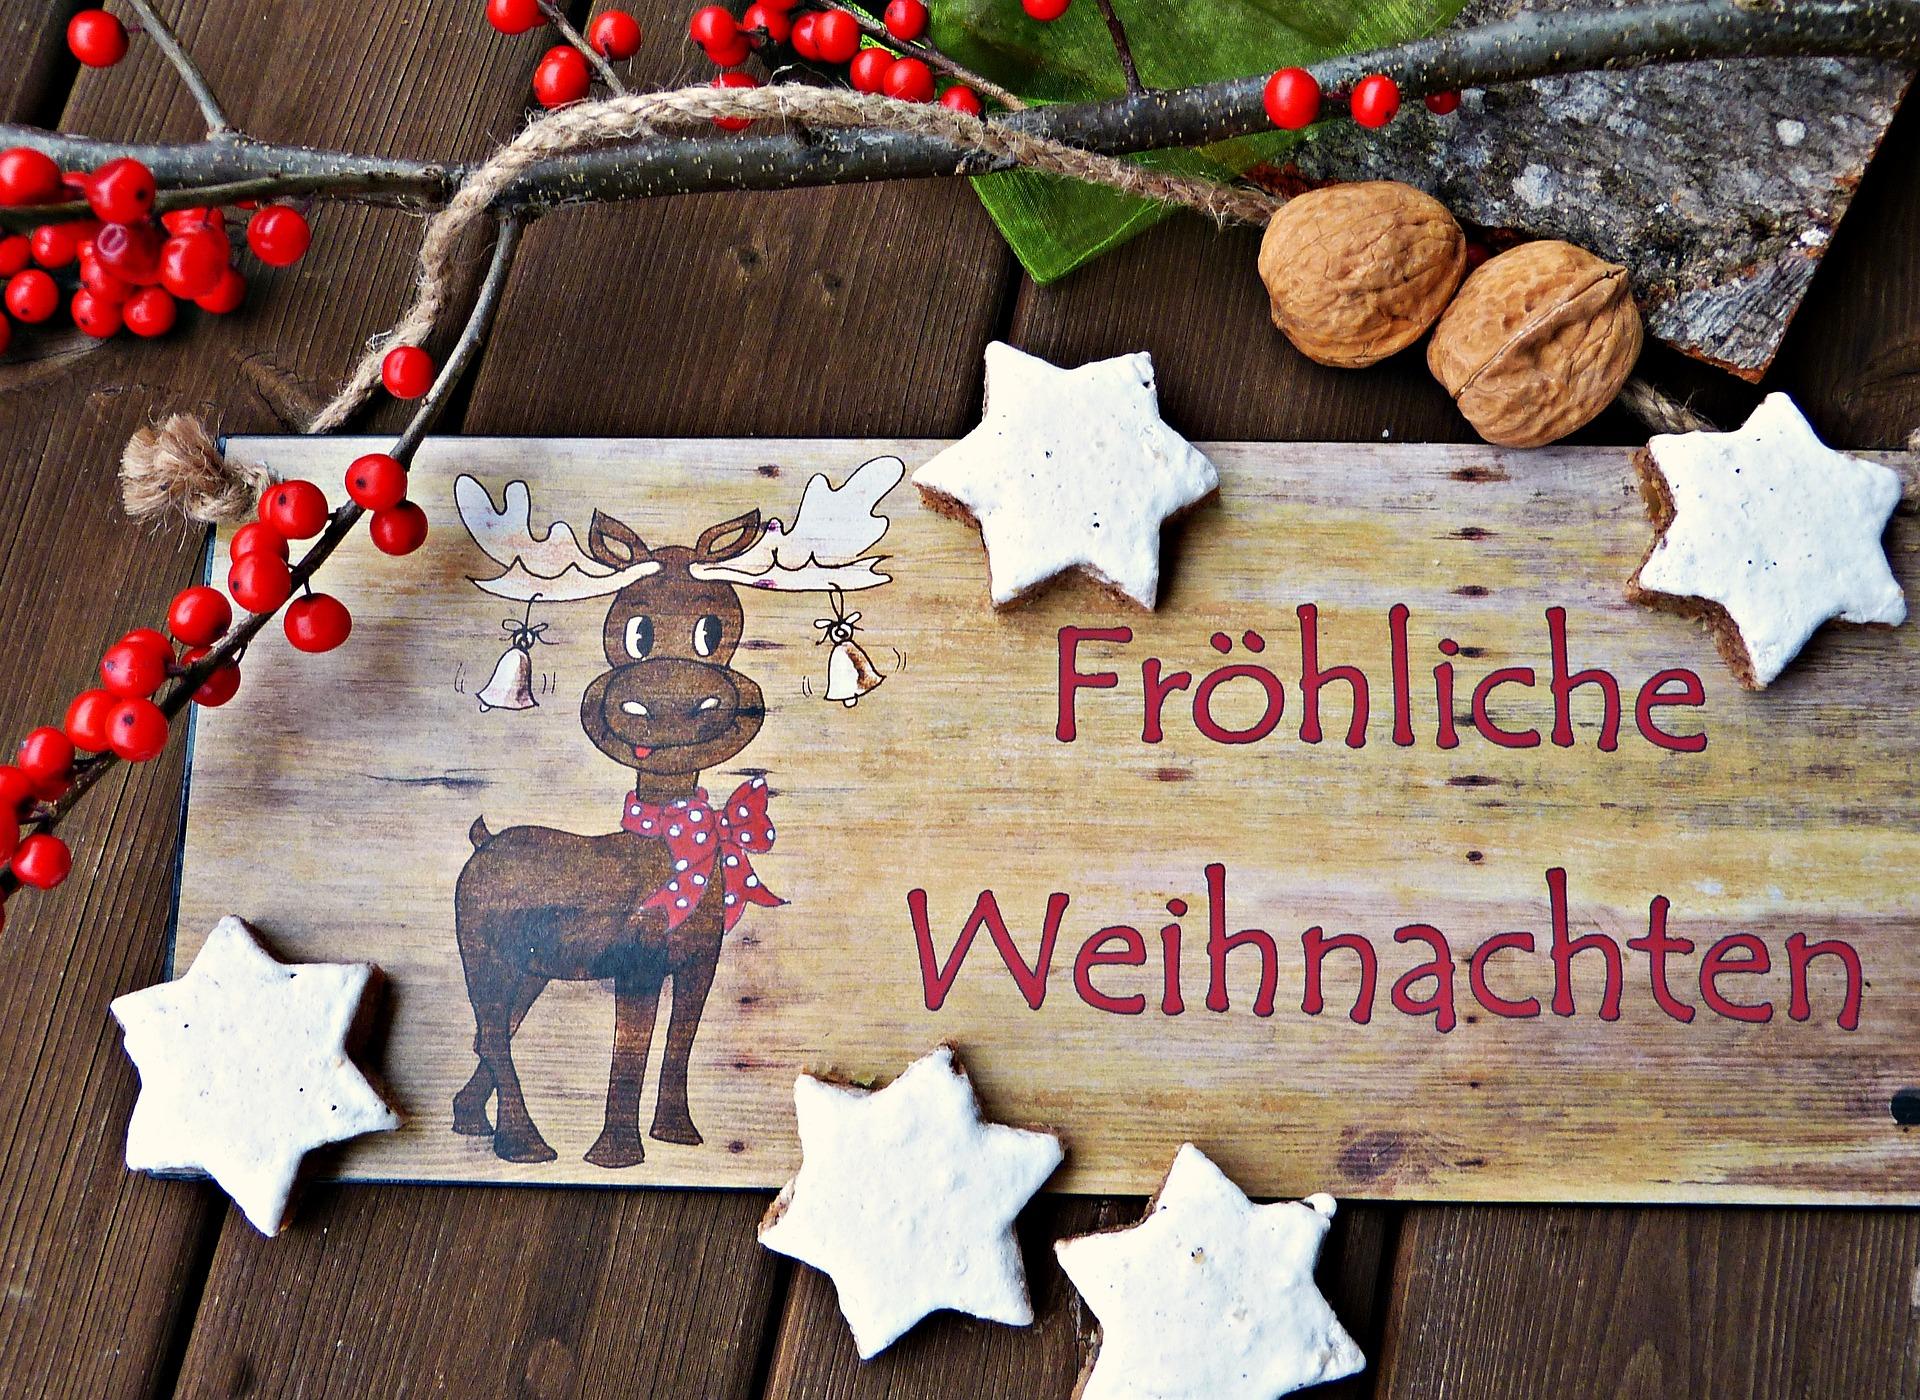 Weihnachtsspecial: Weihnachtsideen für Genießer & Dekofans bei ...